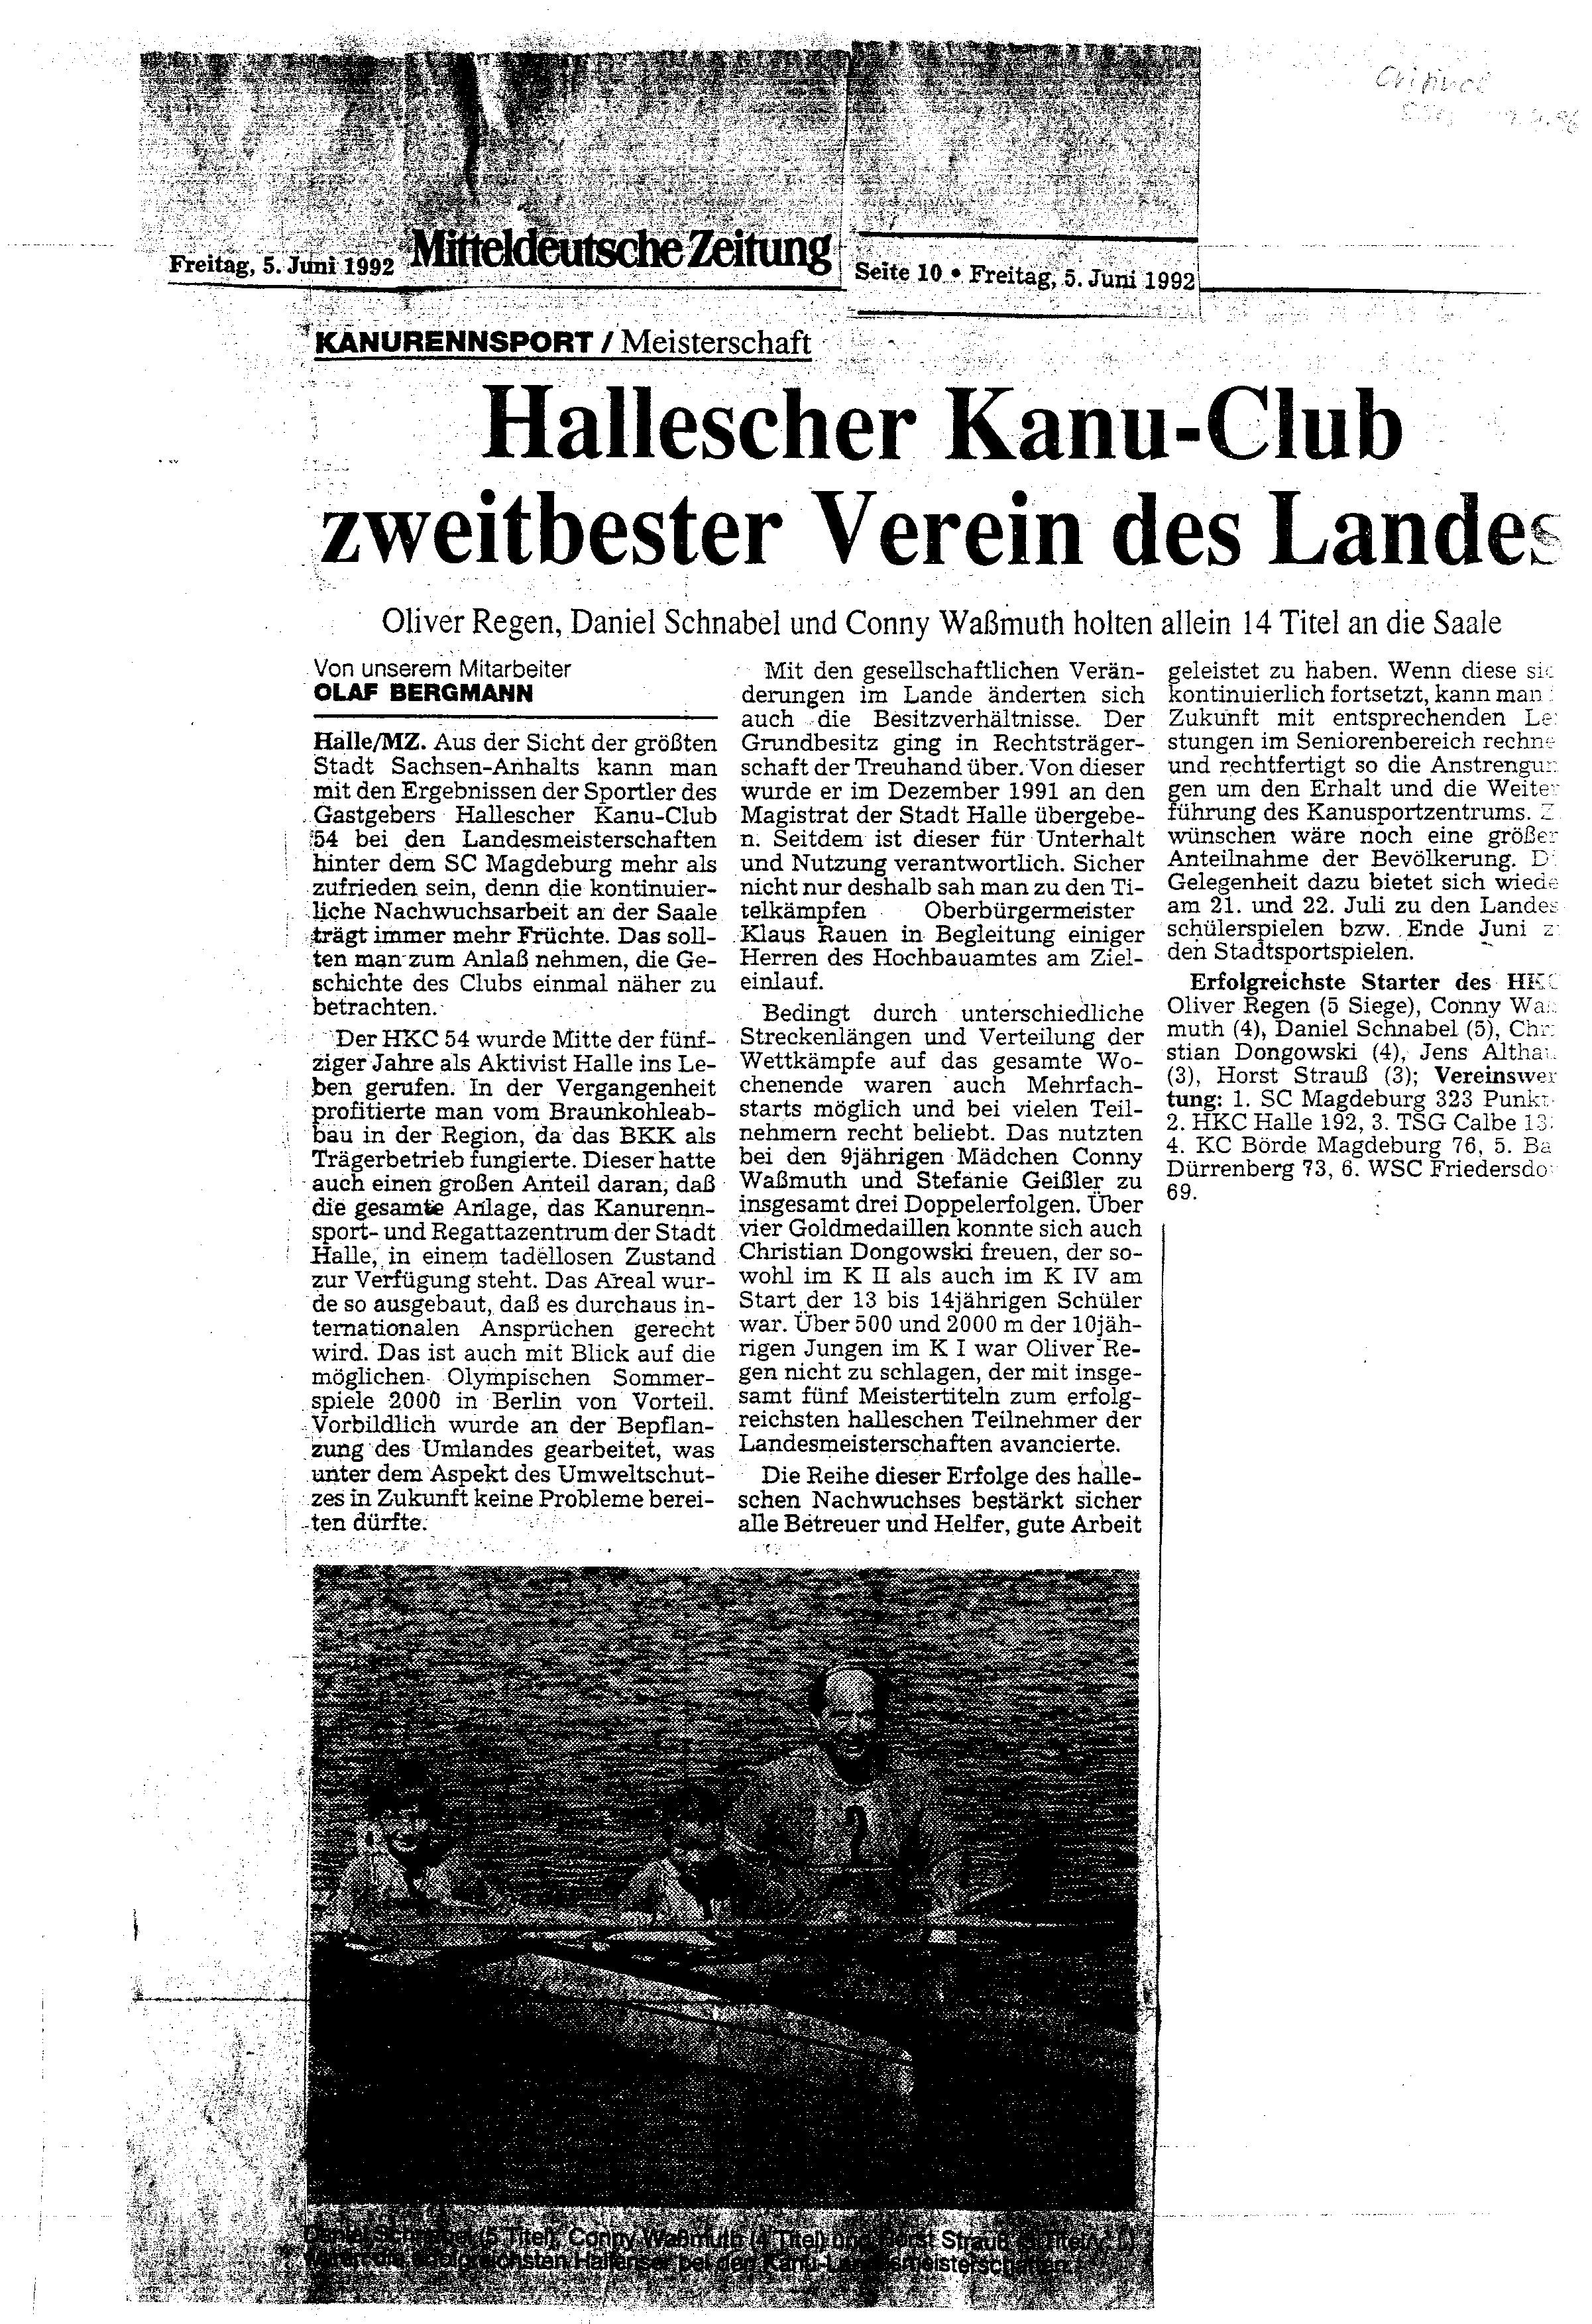 1992-06-05 MZ Hallescher Kanu-Club zweitbester Verein des Landes